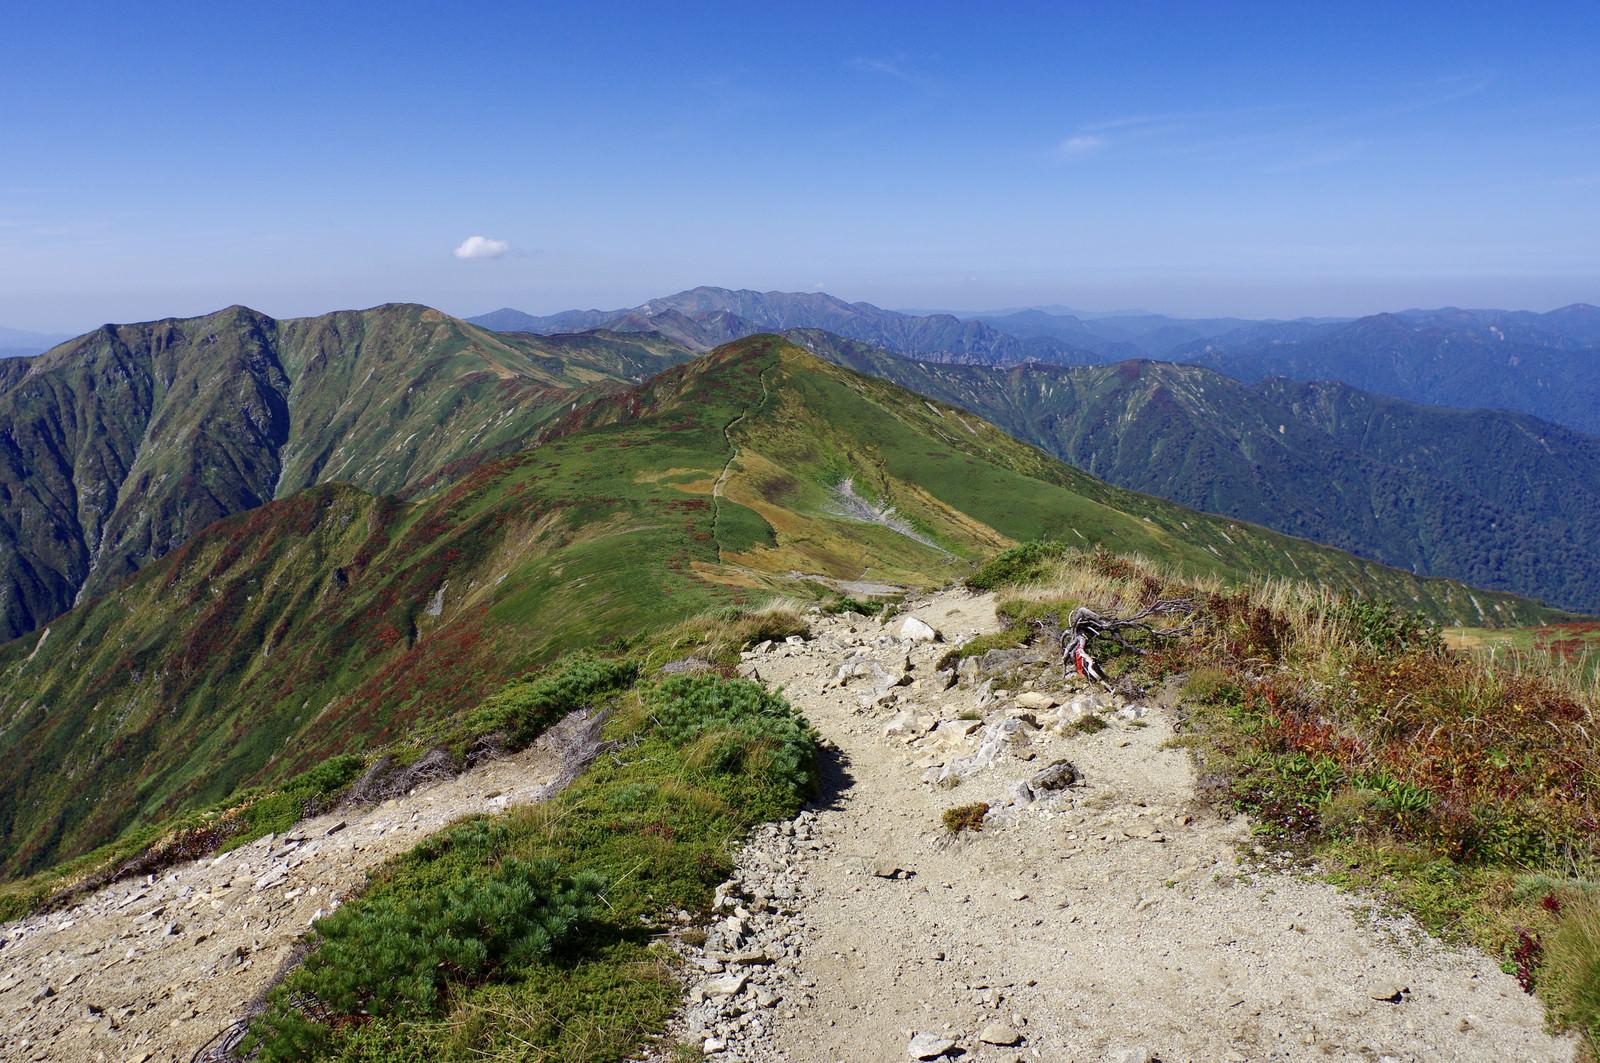 「大朝日岳山頂付近の登山道」の写真